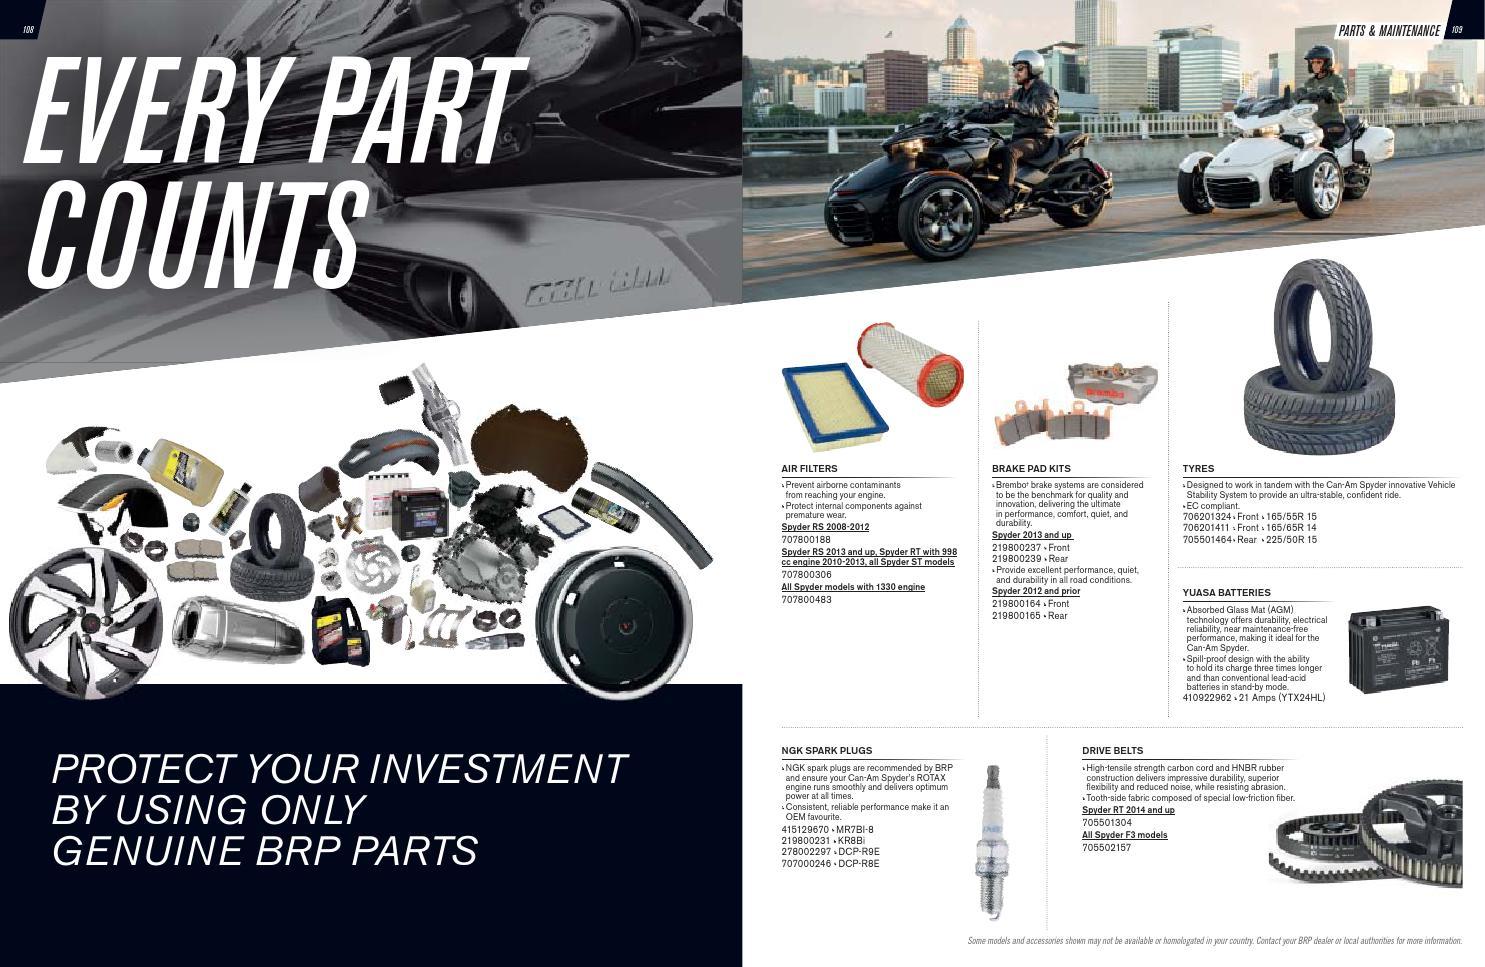 Carlson CST50126 ABS Wheel Speed Sensor for 2007-2011 Honda CR-V